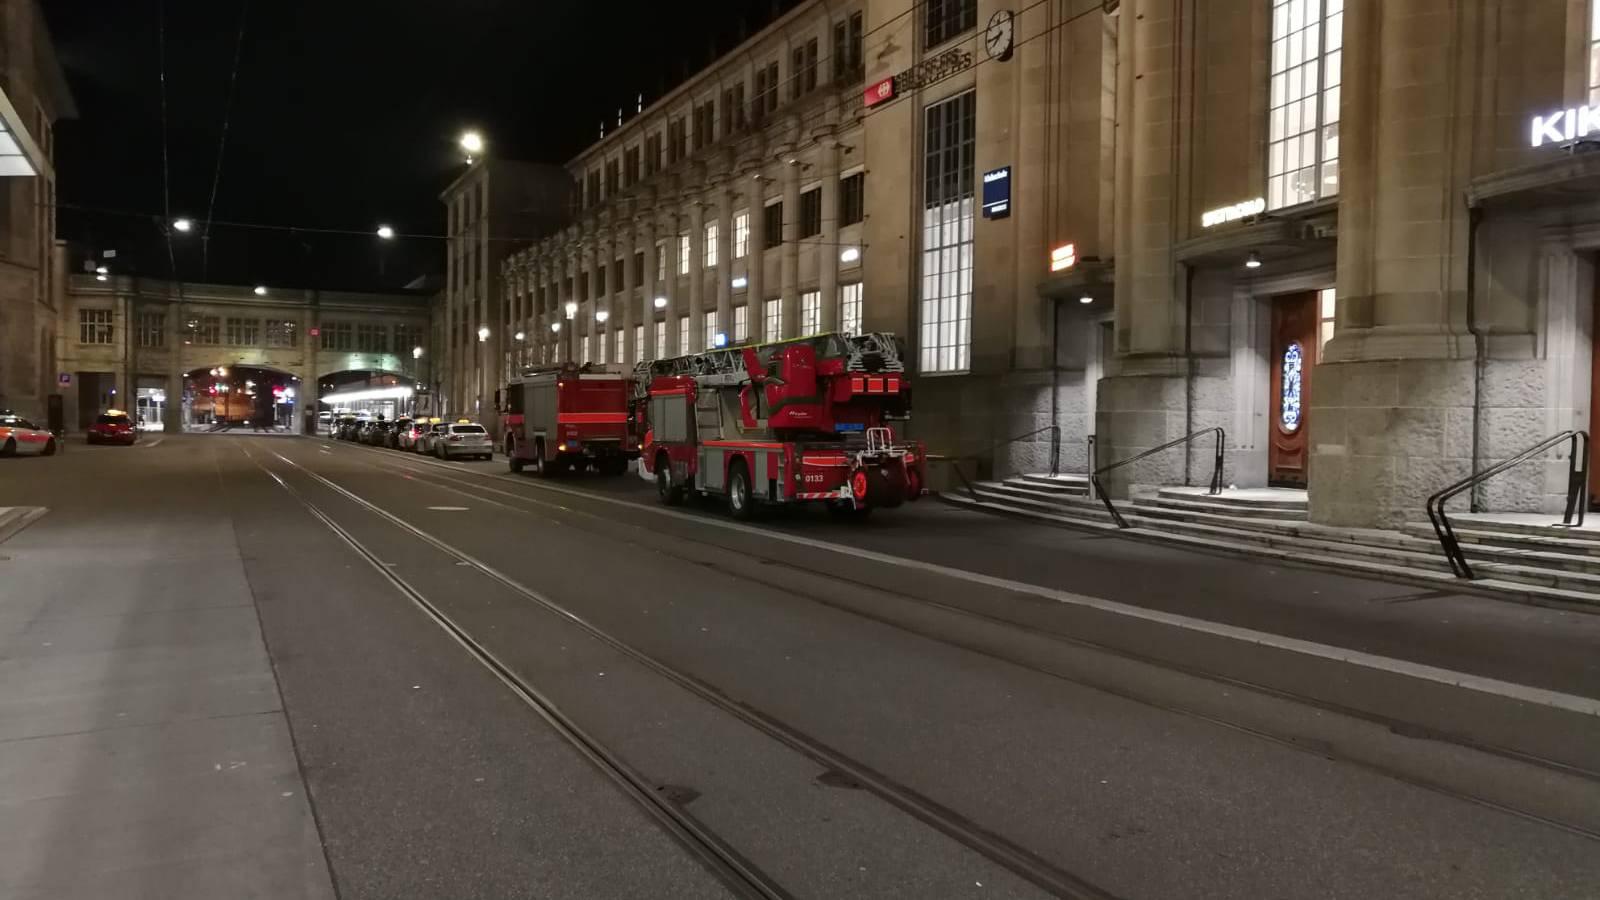 Die Feuerwehr musste wegen eines Fehlalarms ausrücken.